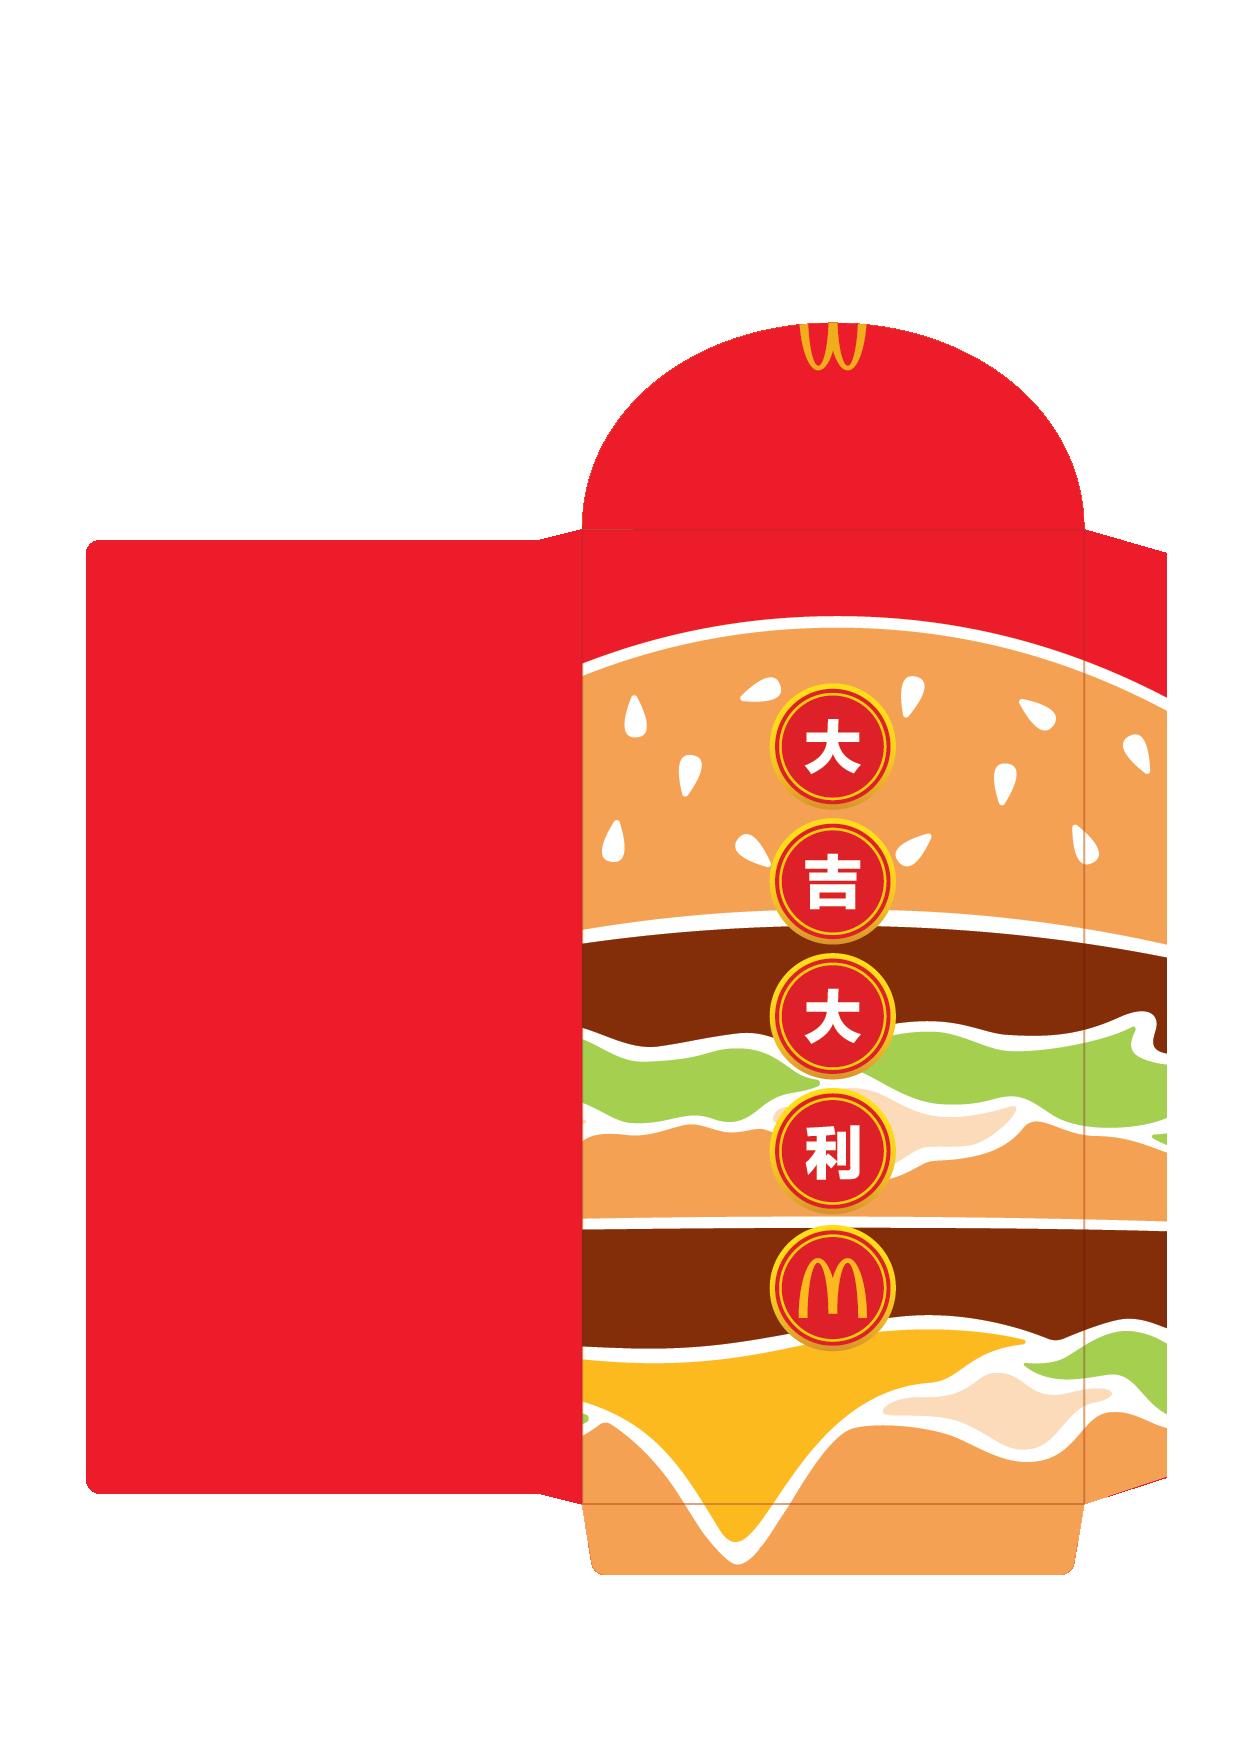 McDonald's CNY prosperity